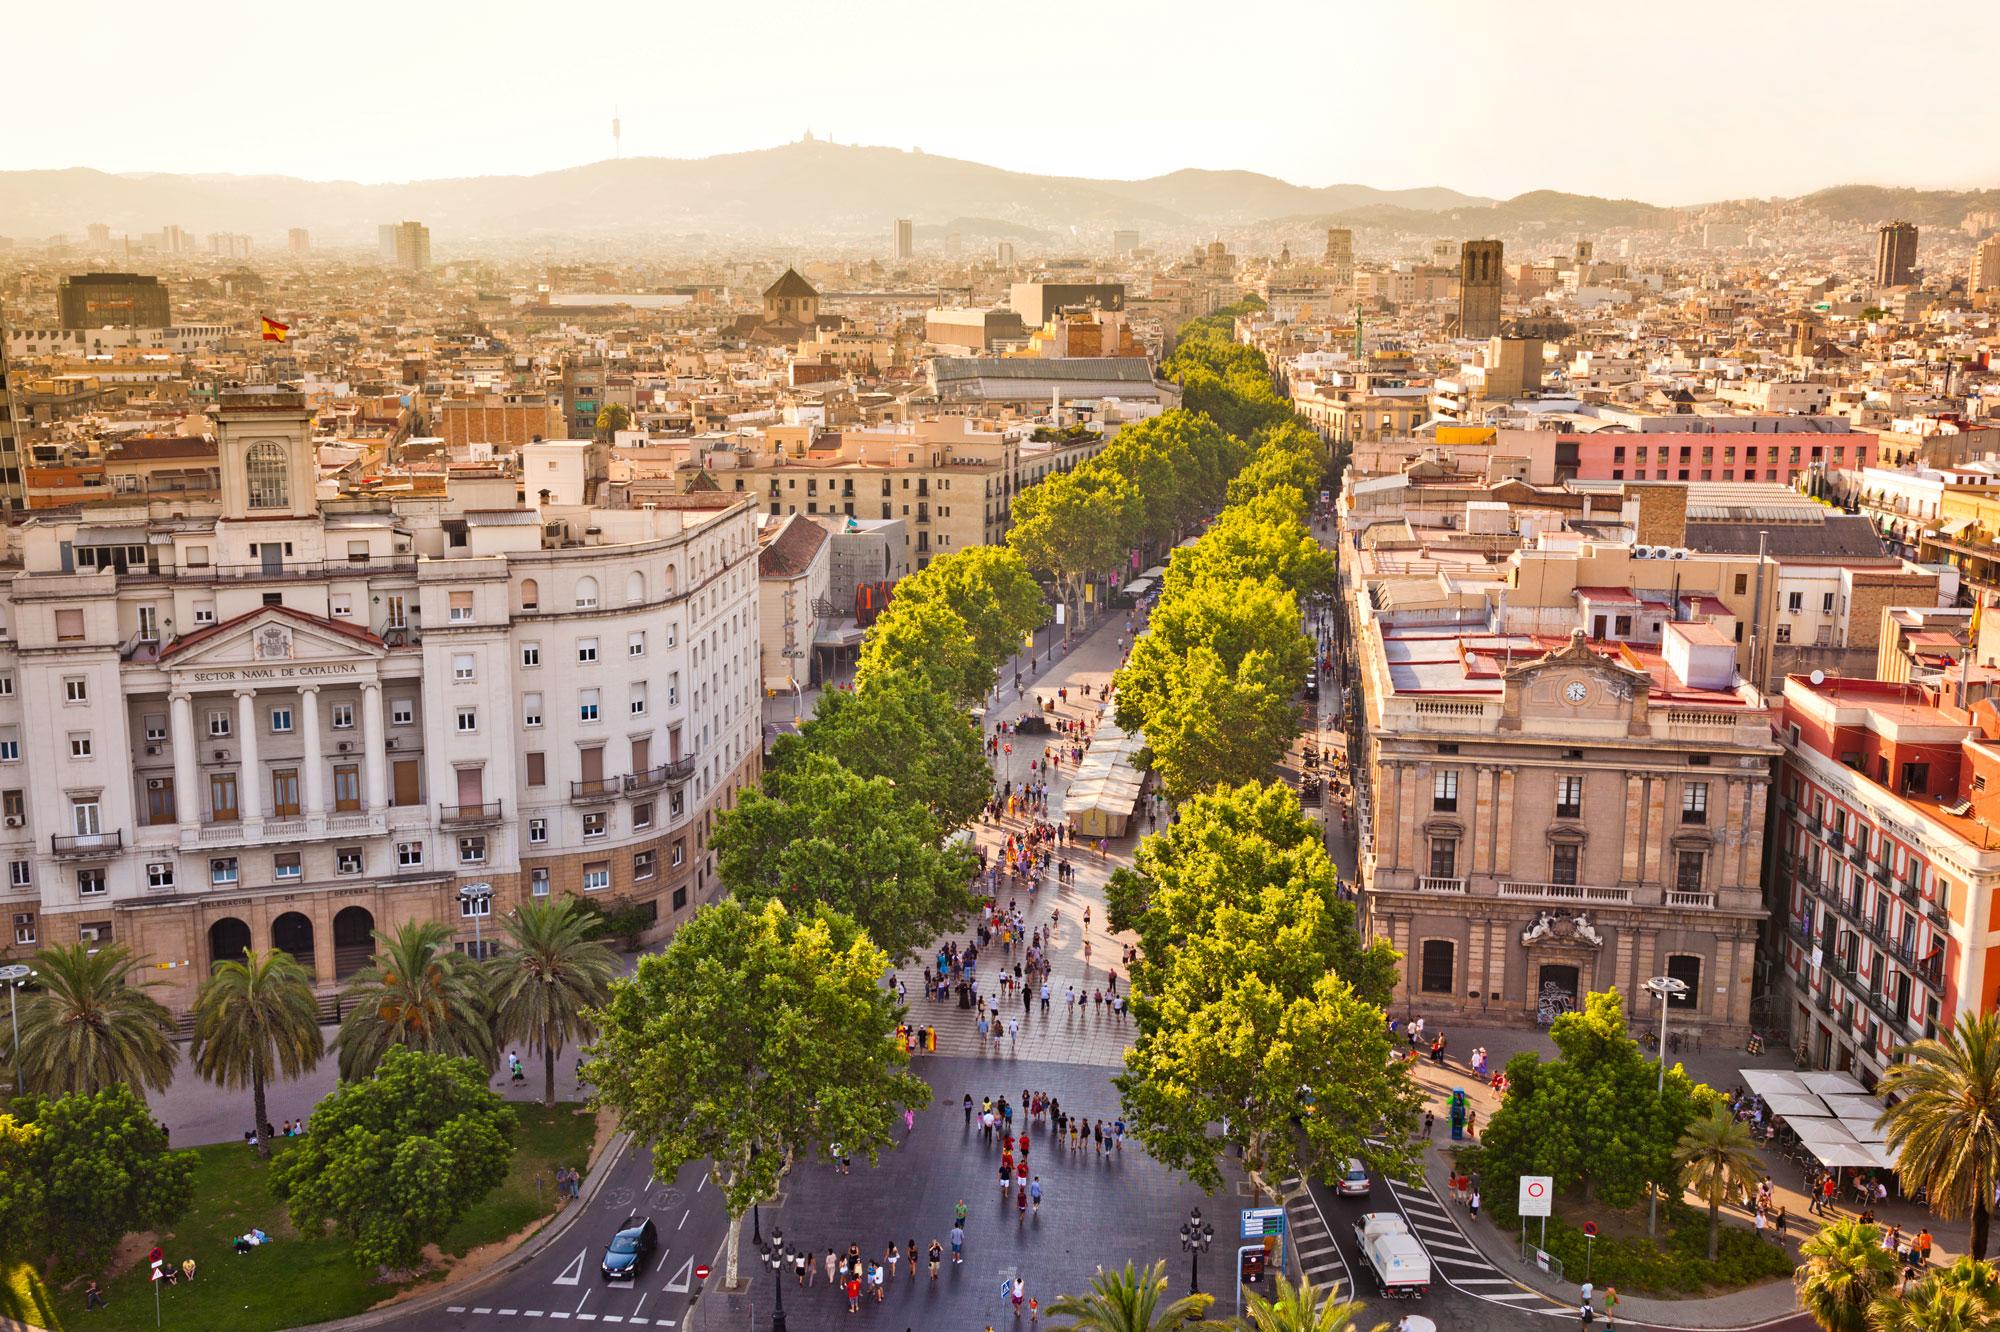 La Rambla de Barcelone foulée par quelques personnes au soleil couchant.